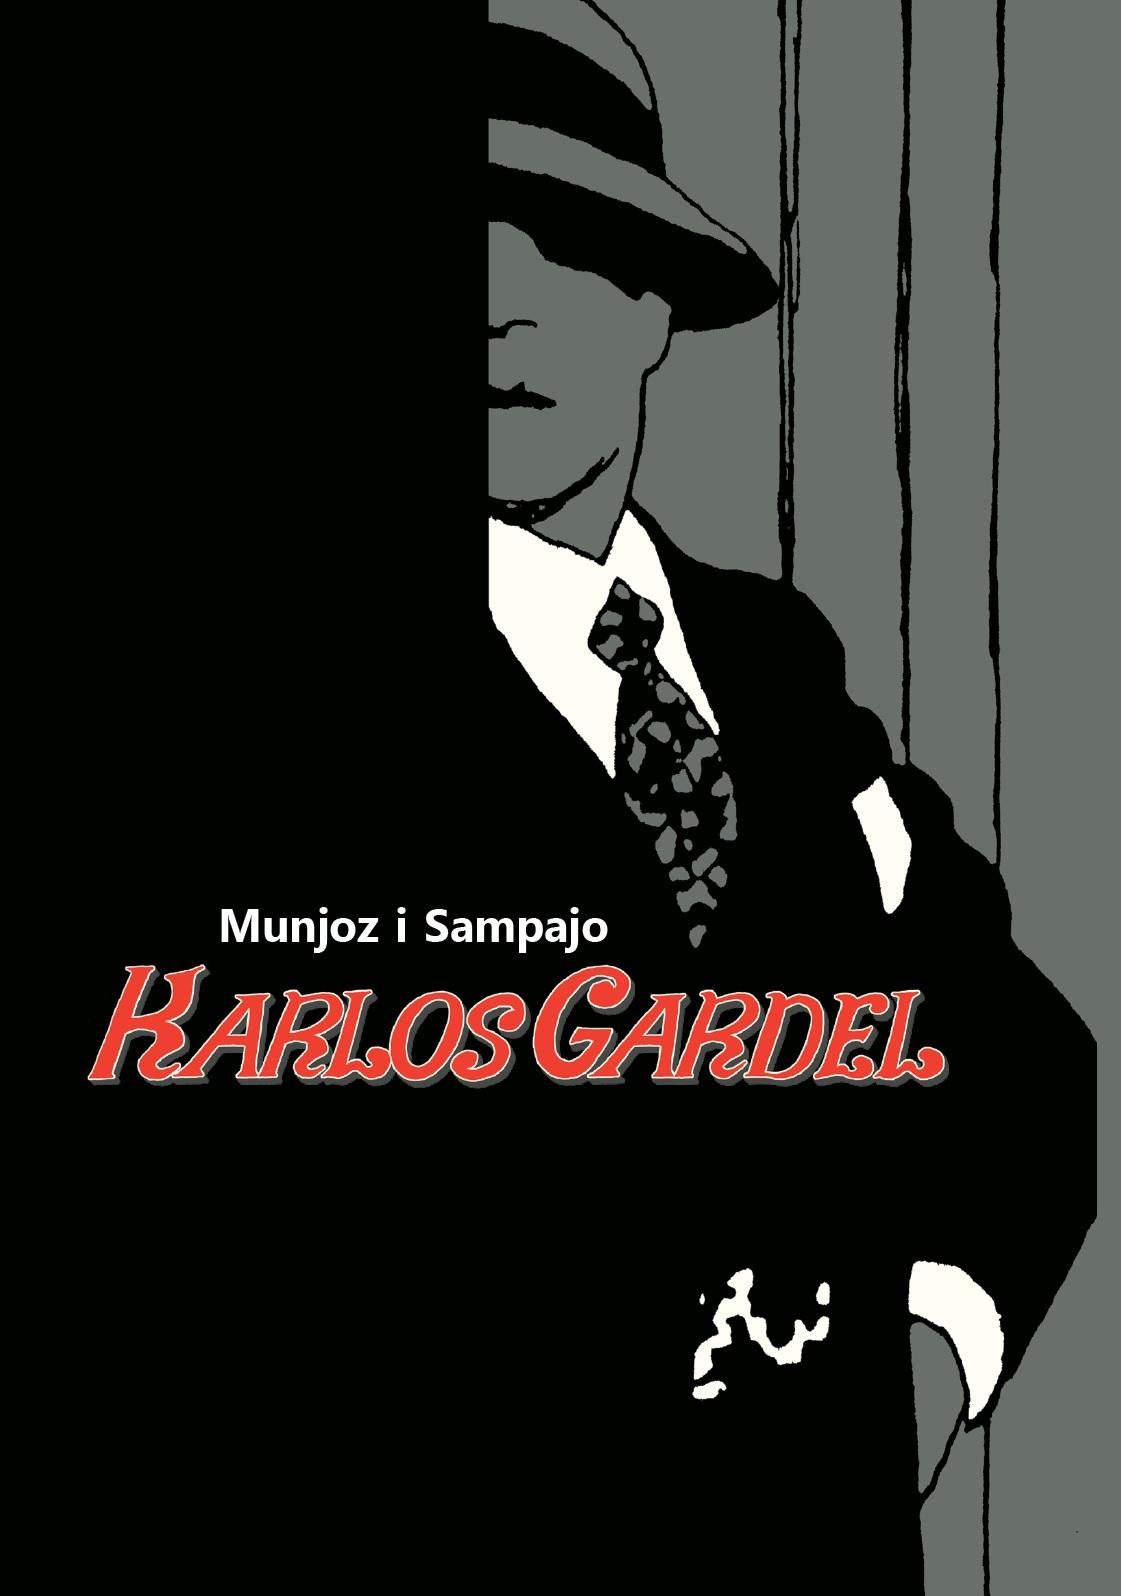 Munjoz i Sampajo: KARLOS GARDEL